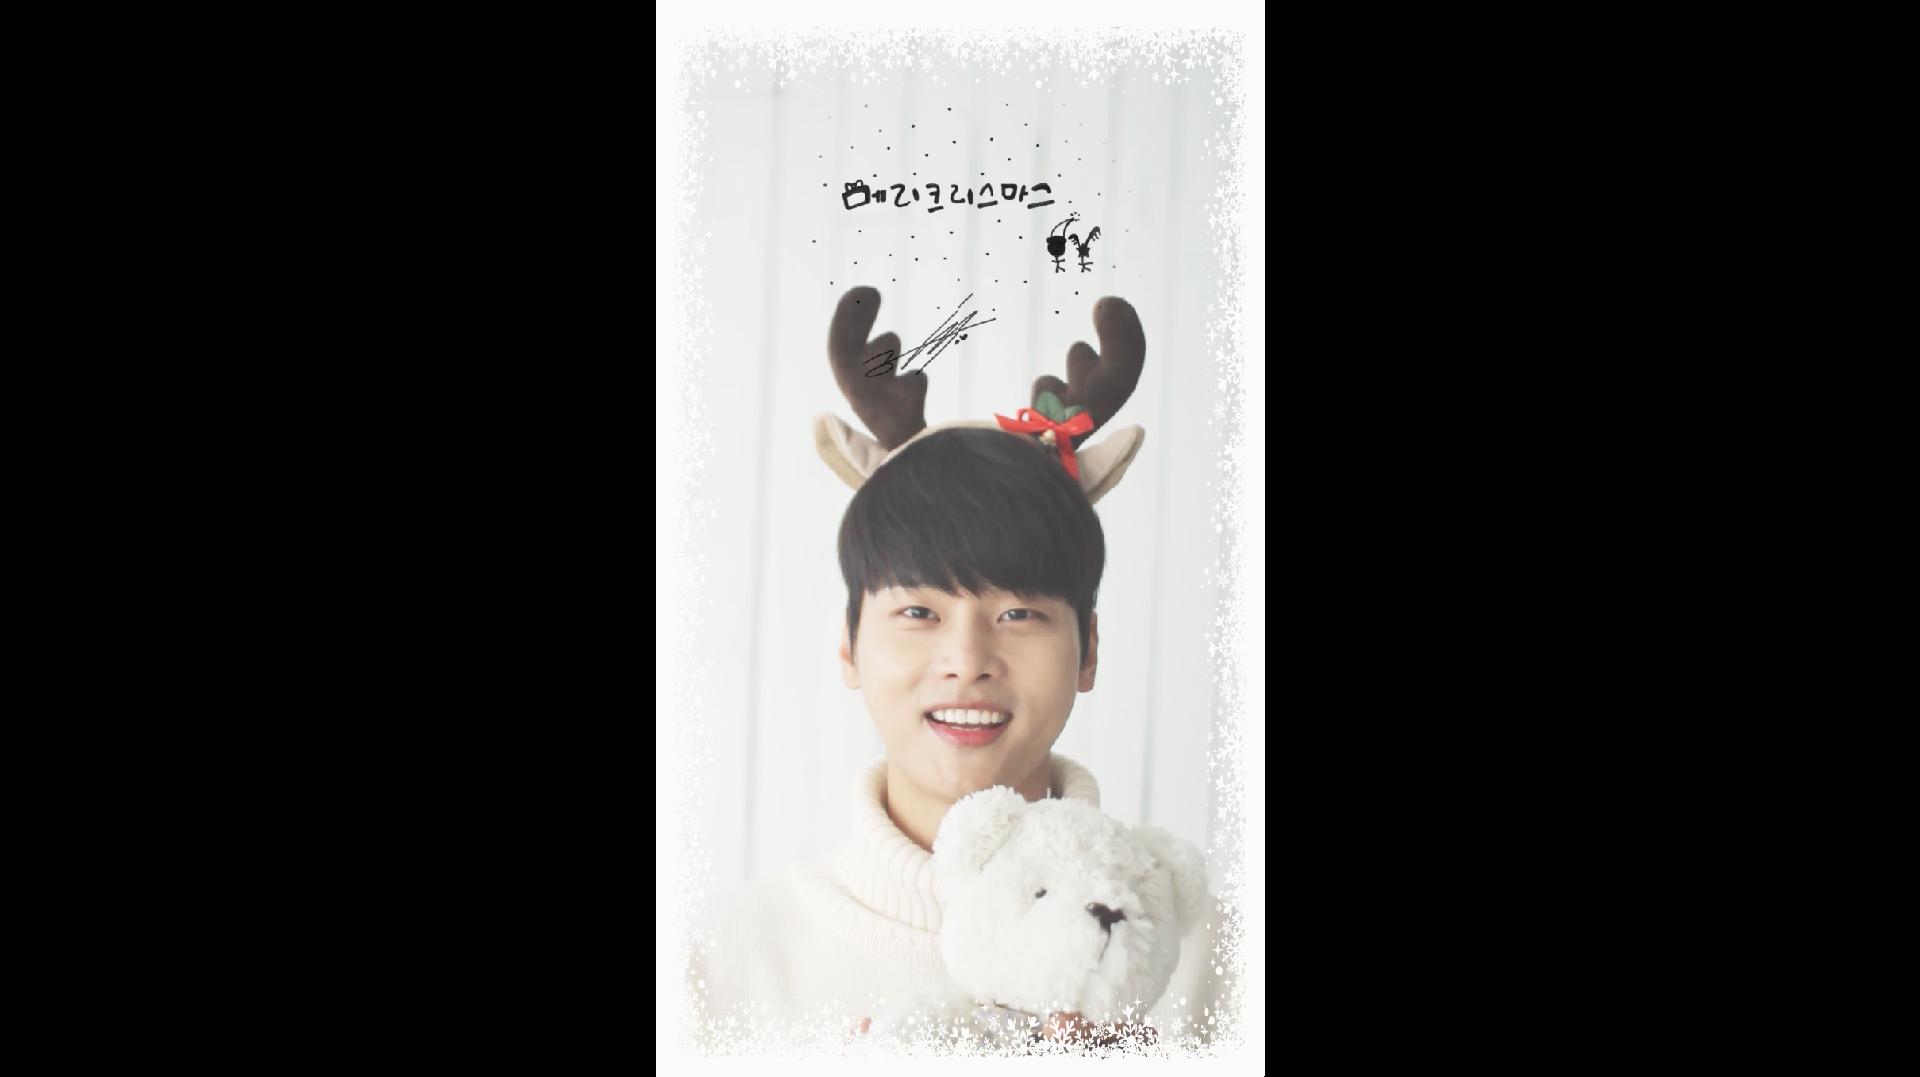 빅스(VIXX) N's Christmas Card (for ST★RLIGHT)